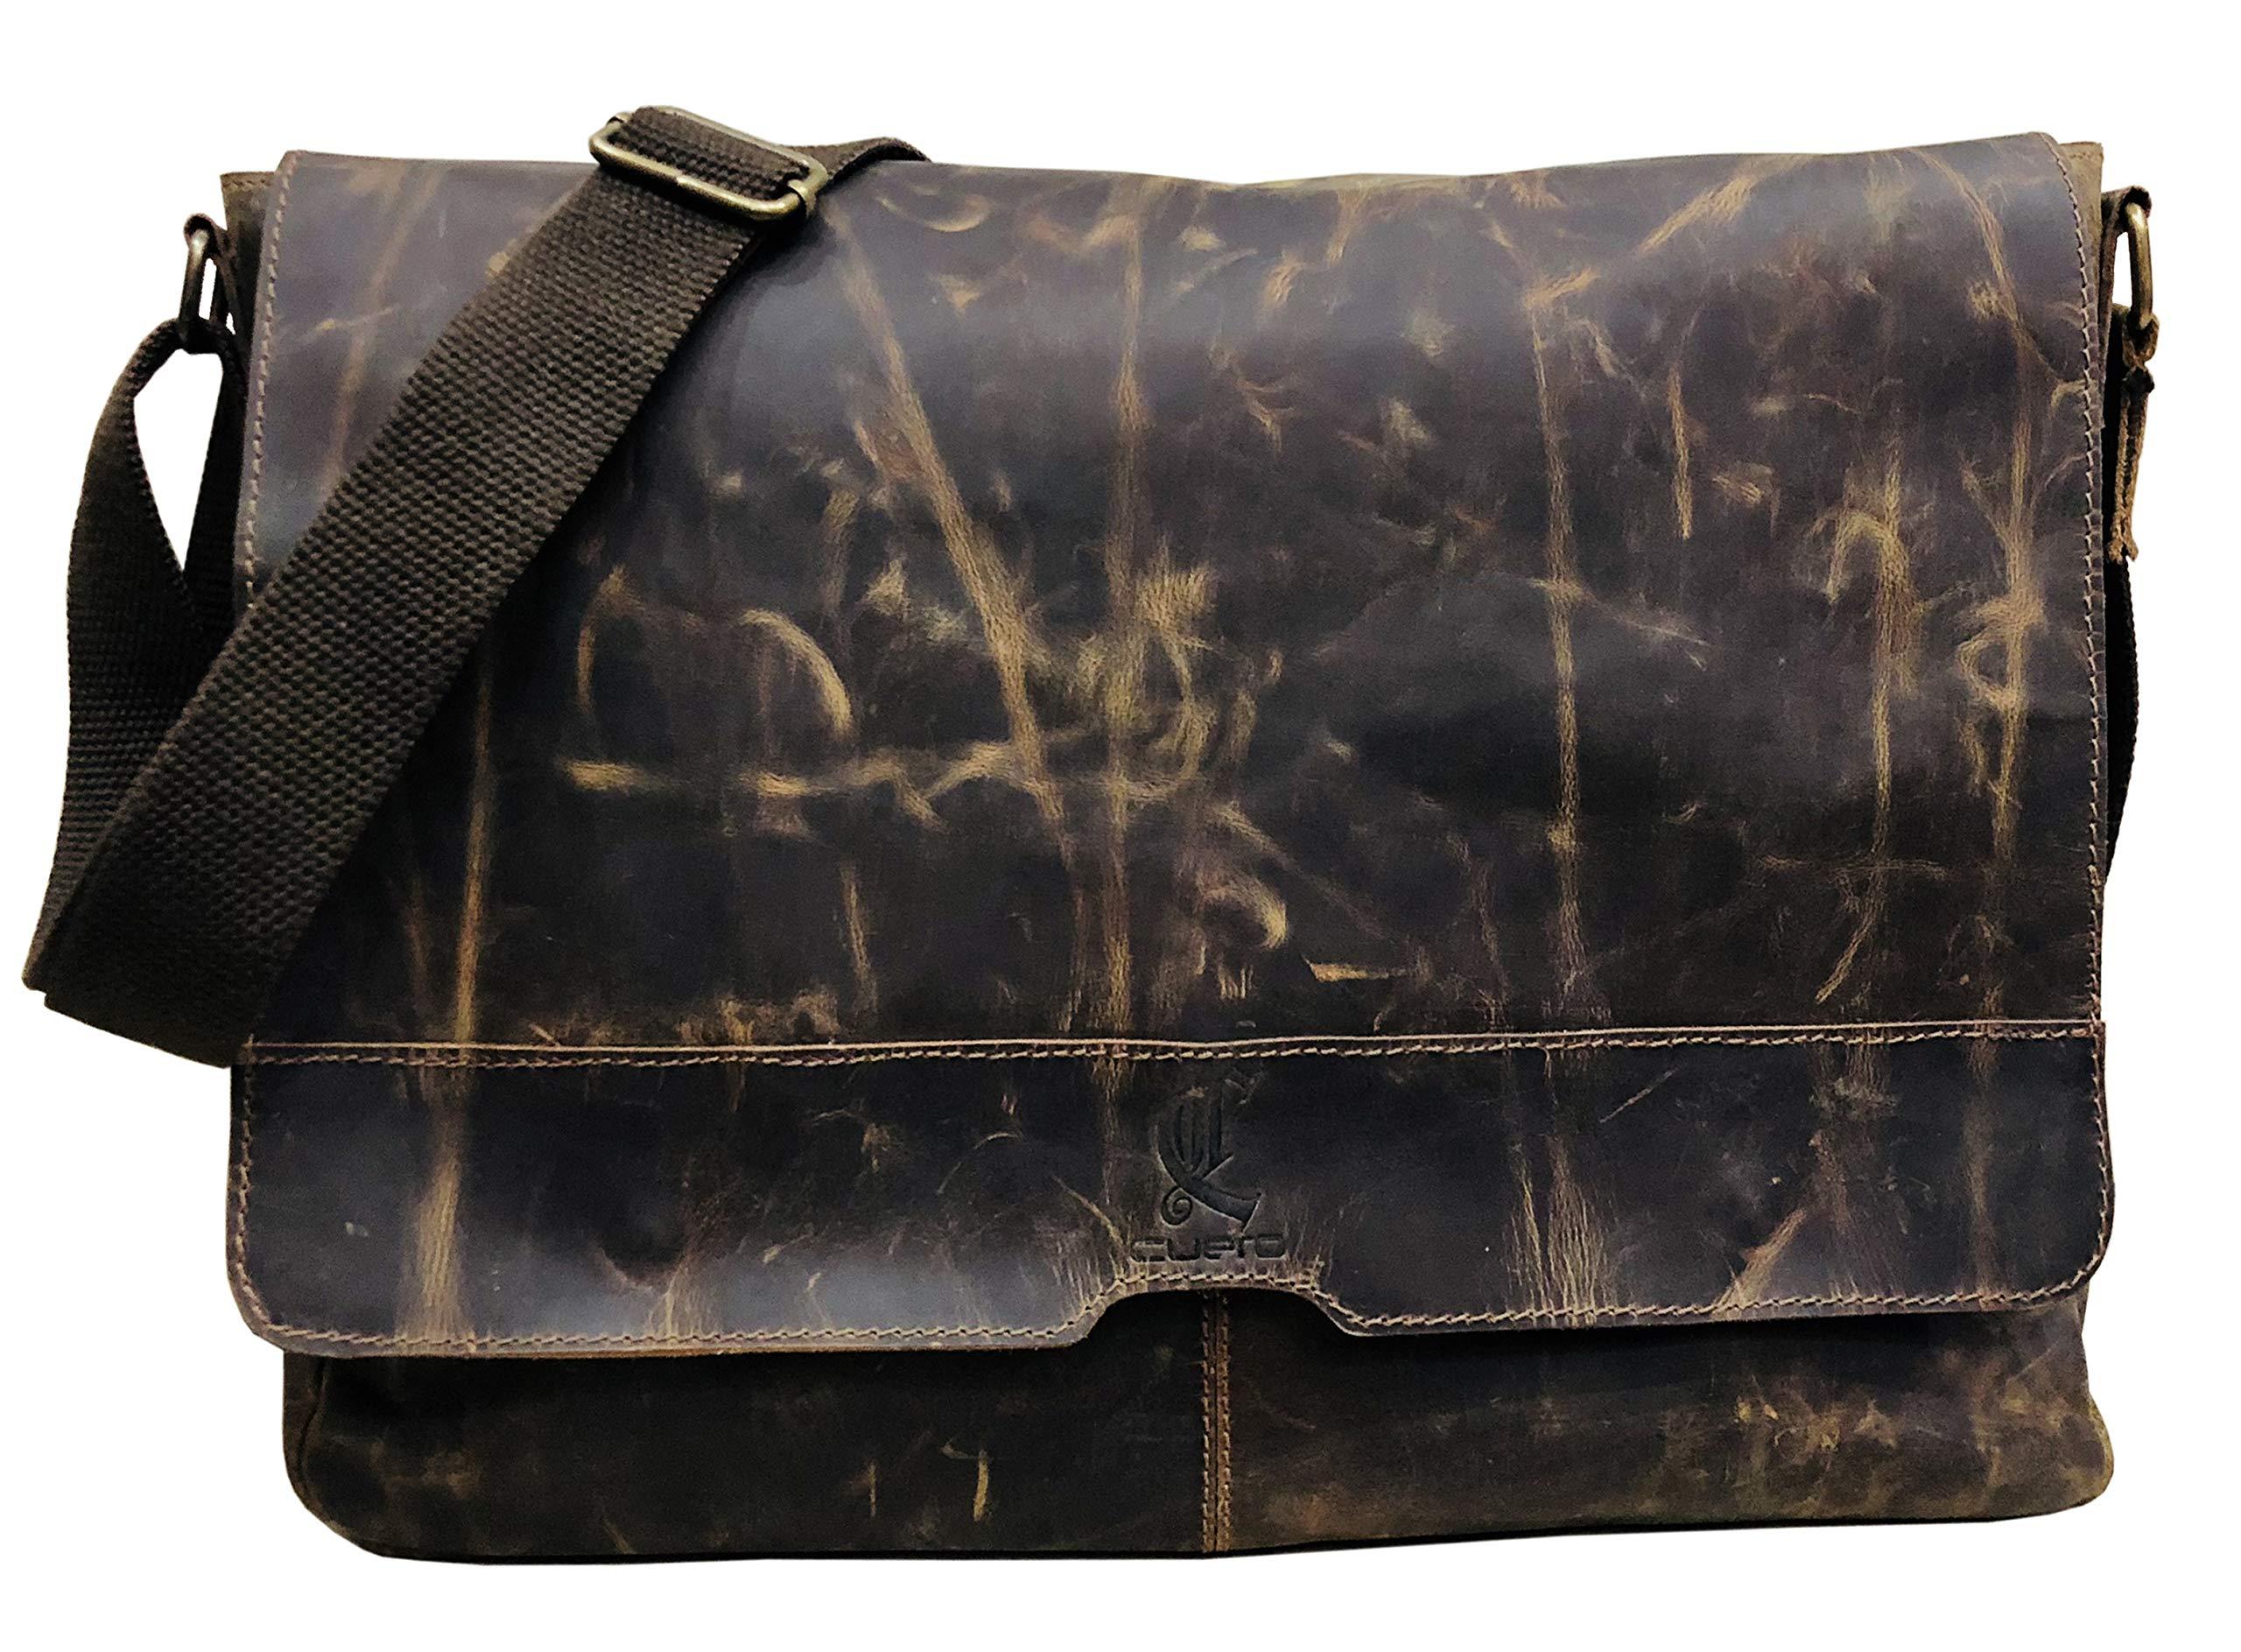 16 inch Best Computer Leather Laptop Messenger Bags for Men Leather Satchel Shoulder Bag Man Bag